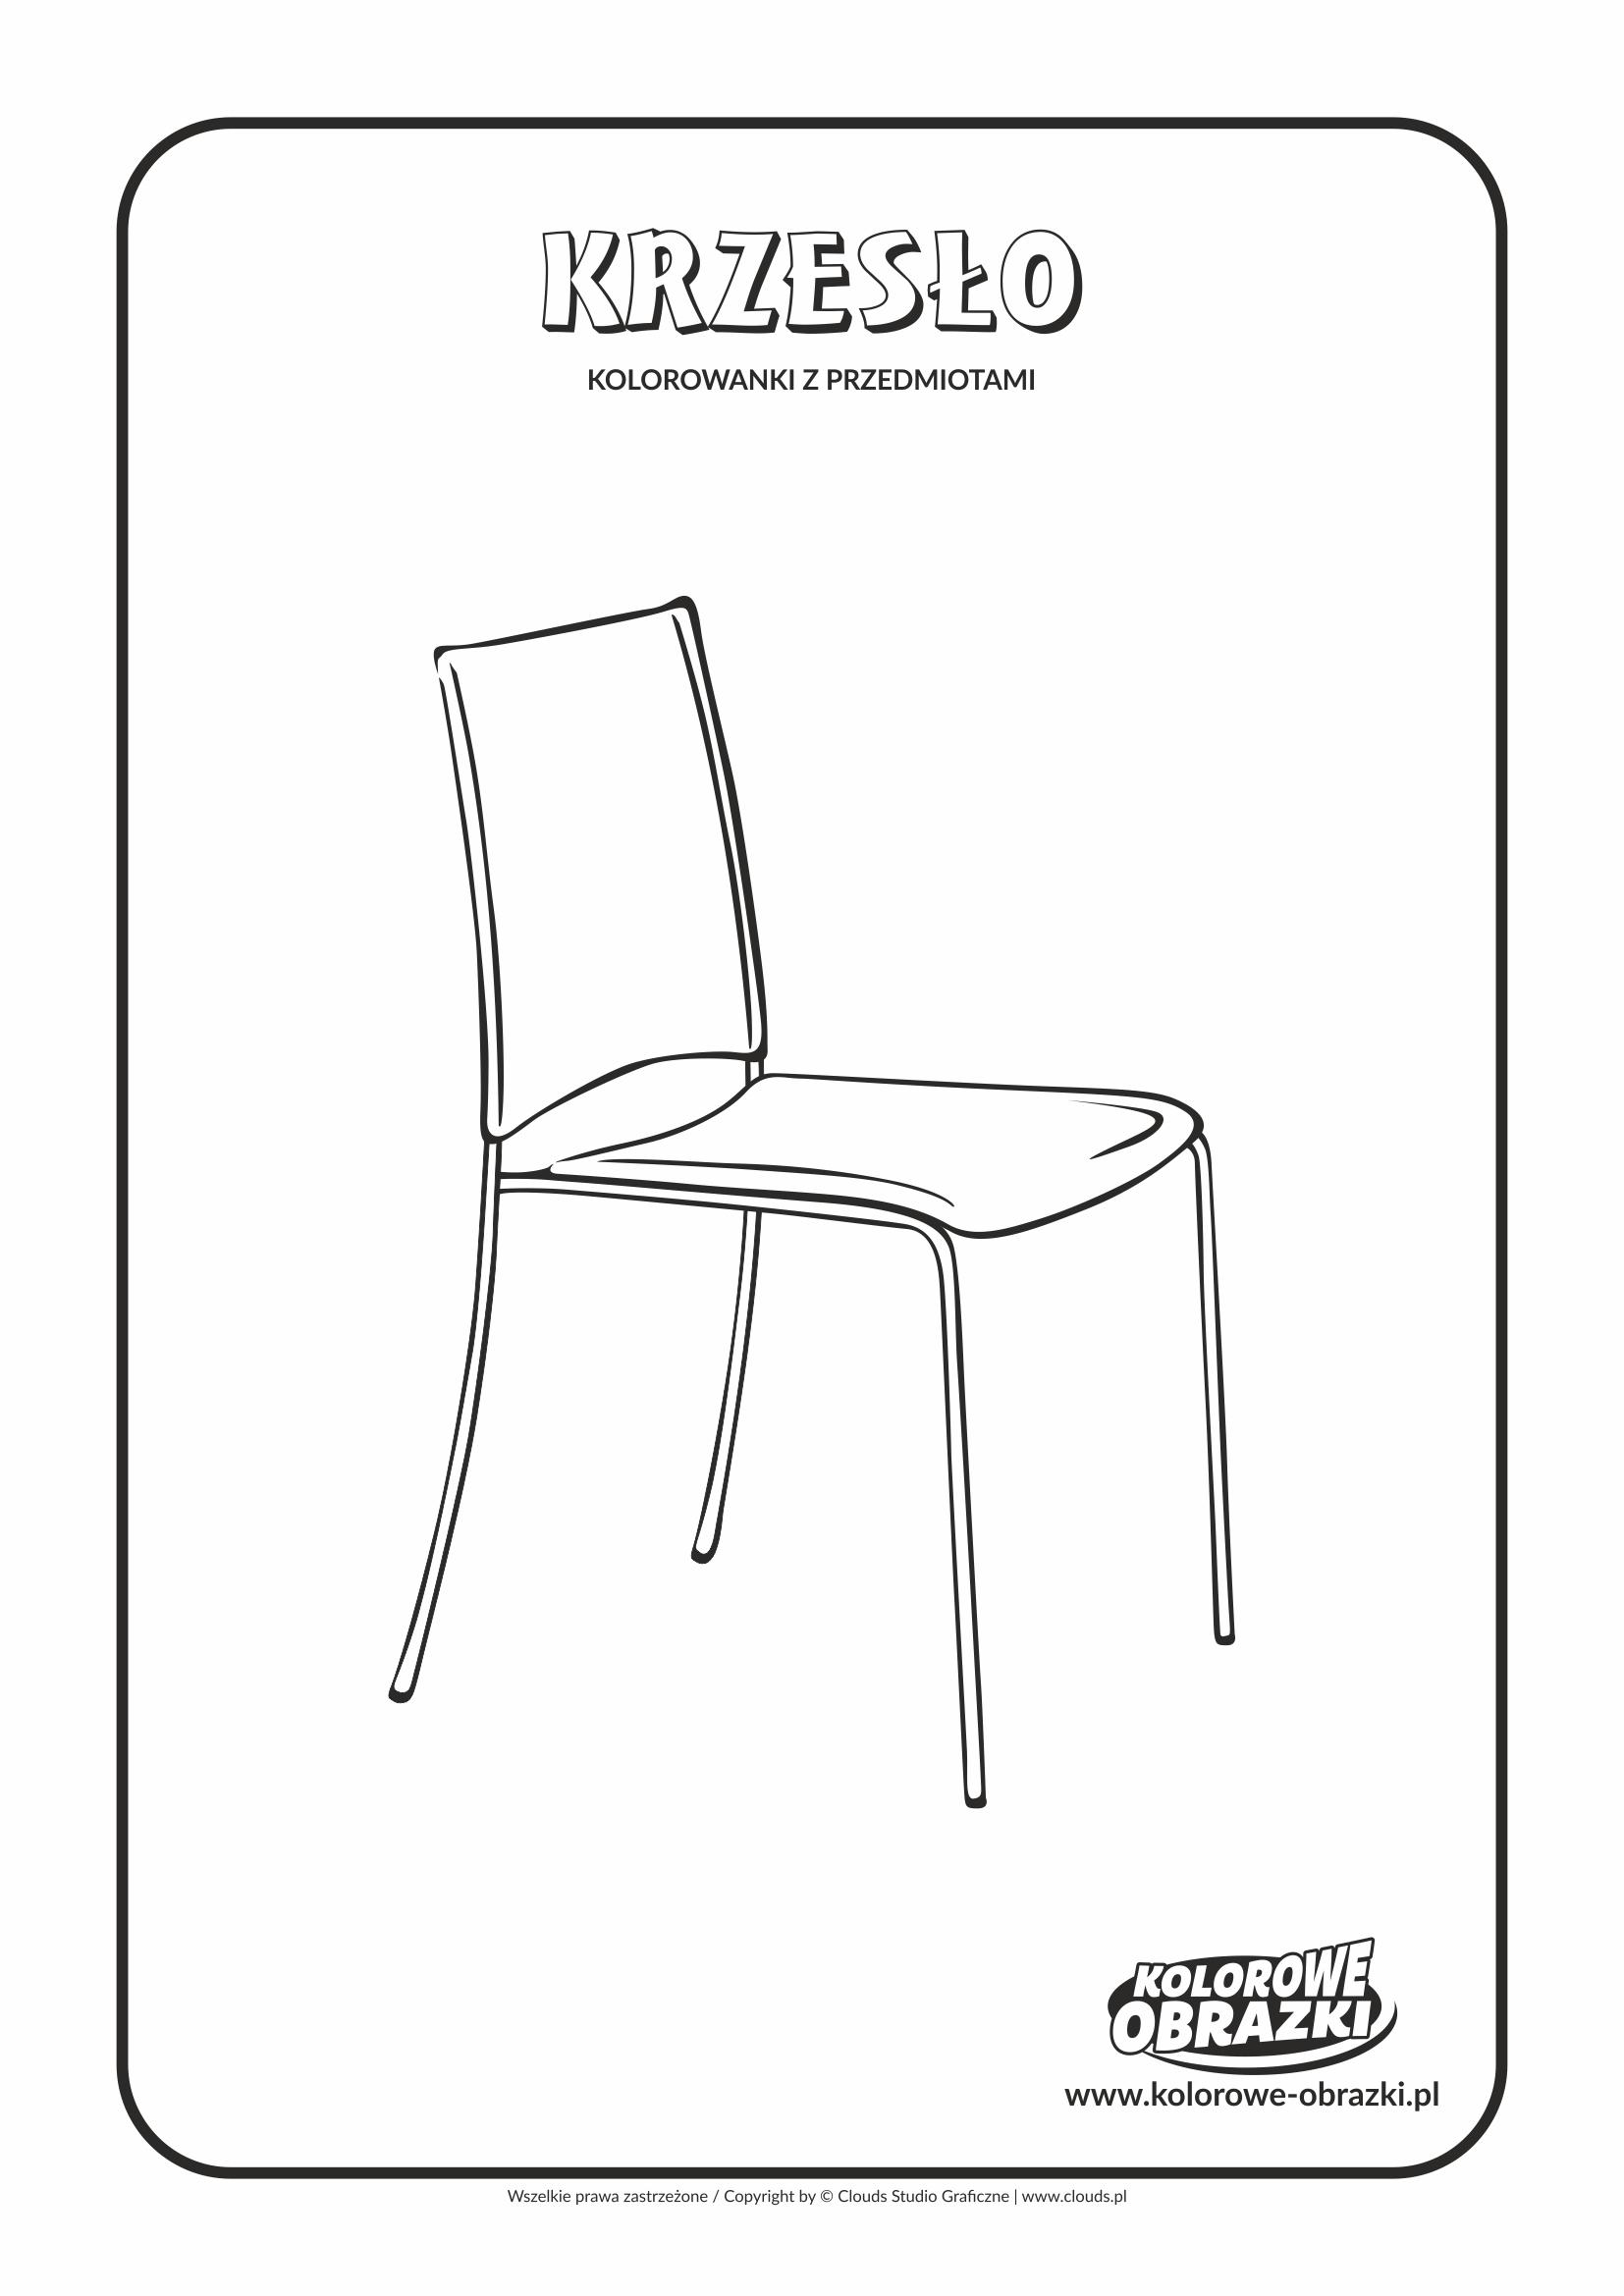 Kolorowanki dla dzieci - Przedmioty / Krzesło. Kolorowanka z krzesłem